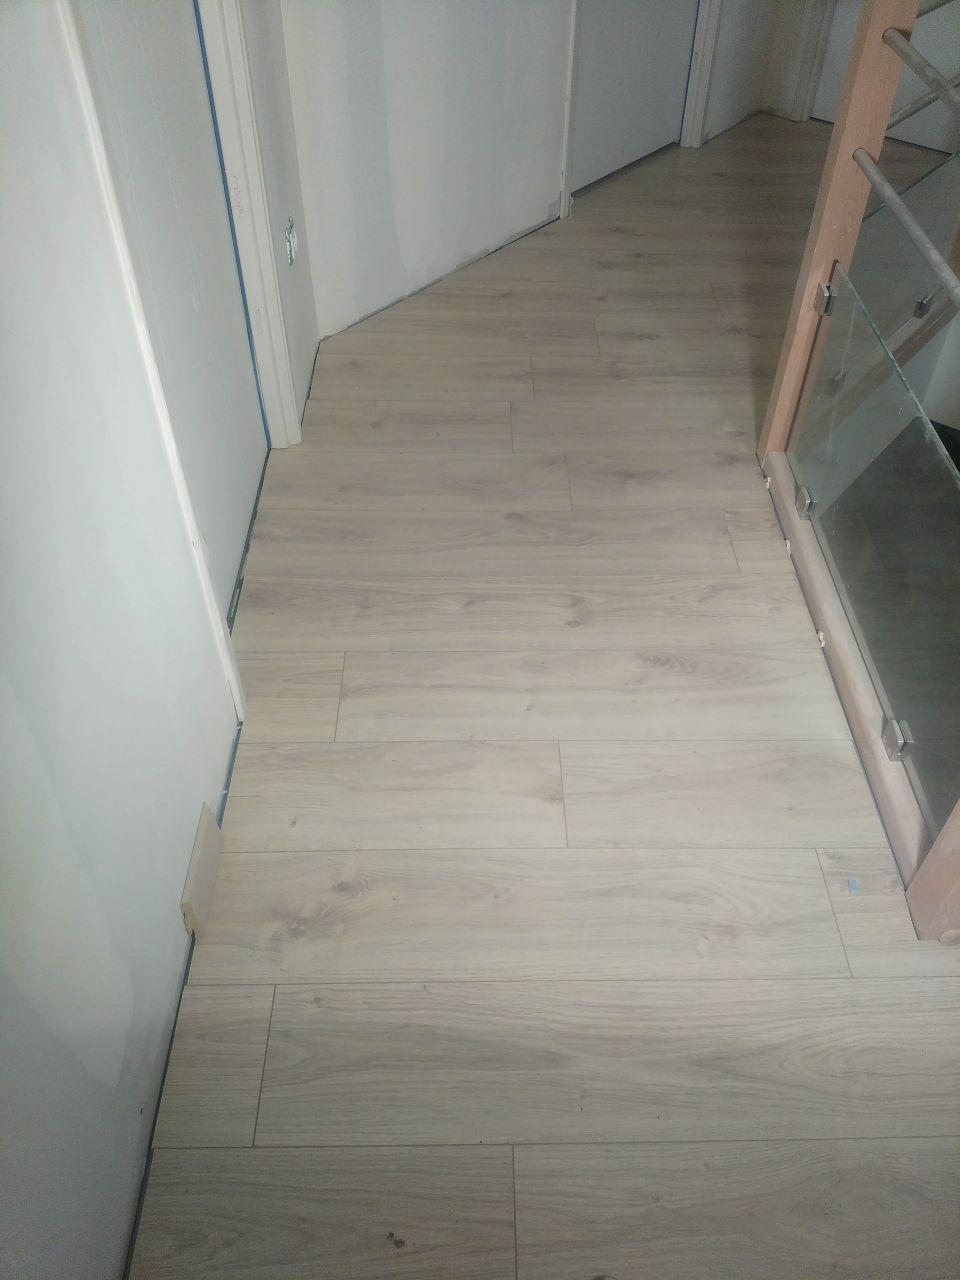 Couloir de l'étage vu du haut des escaliers